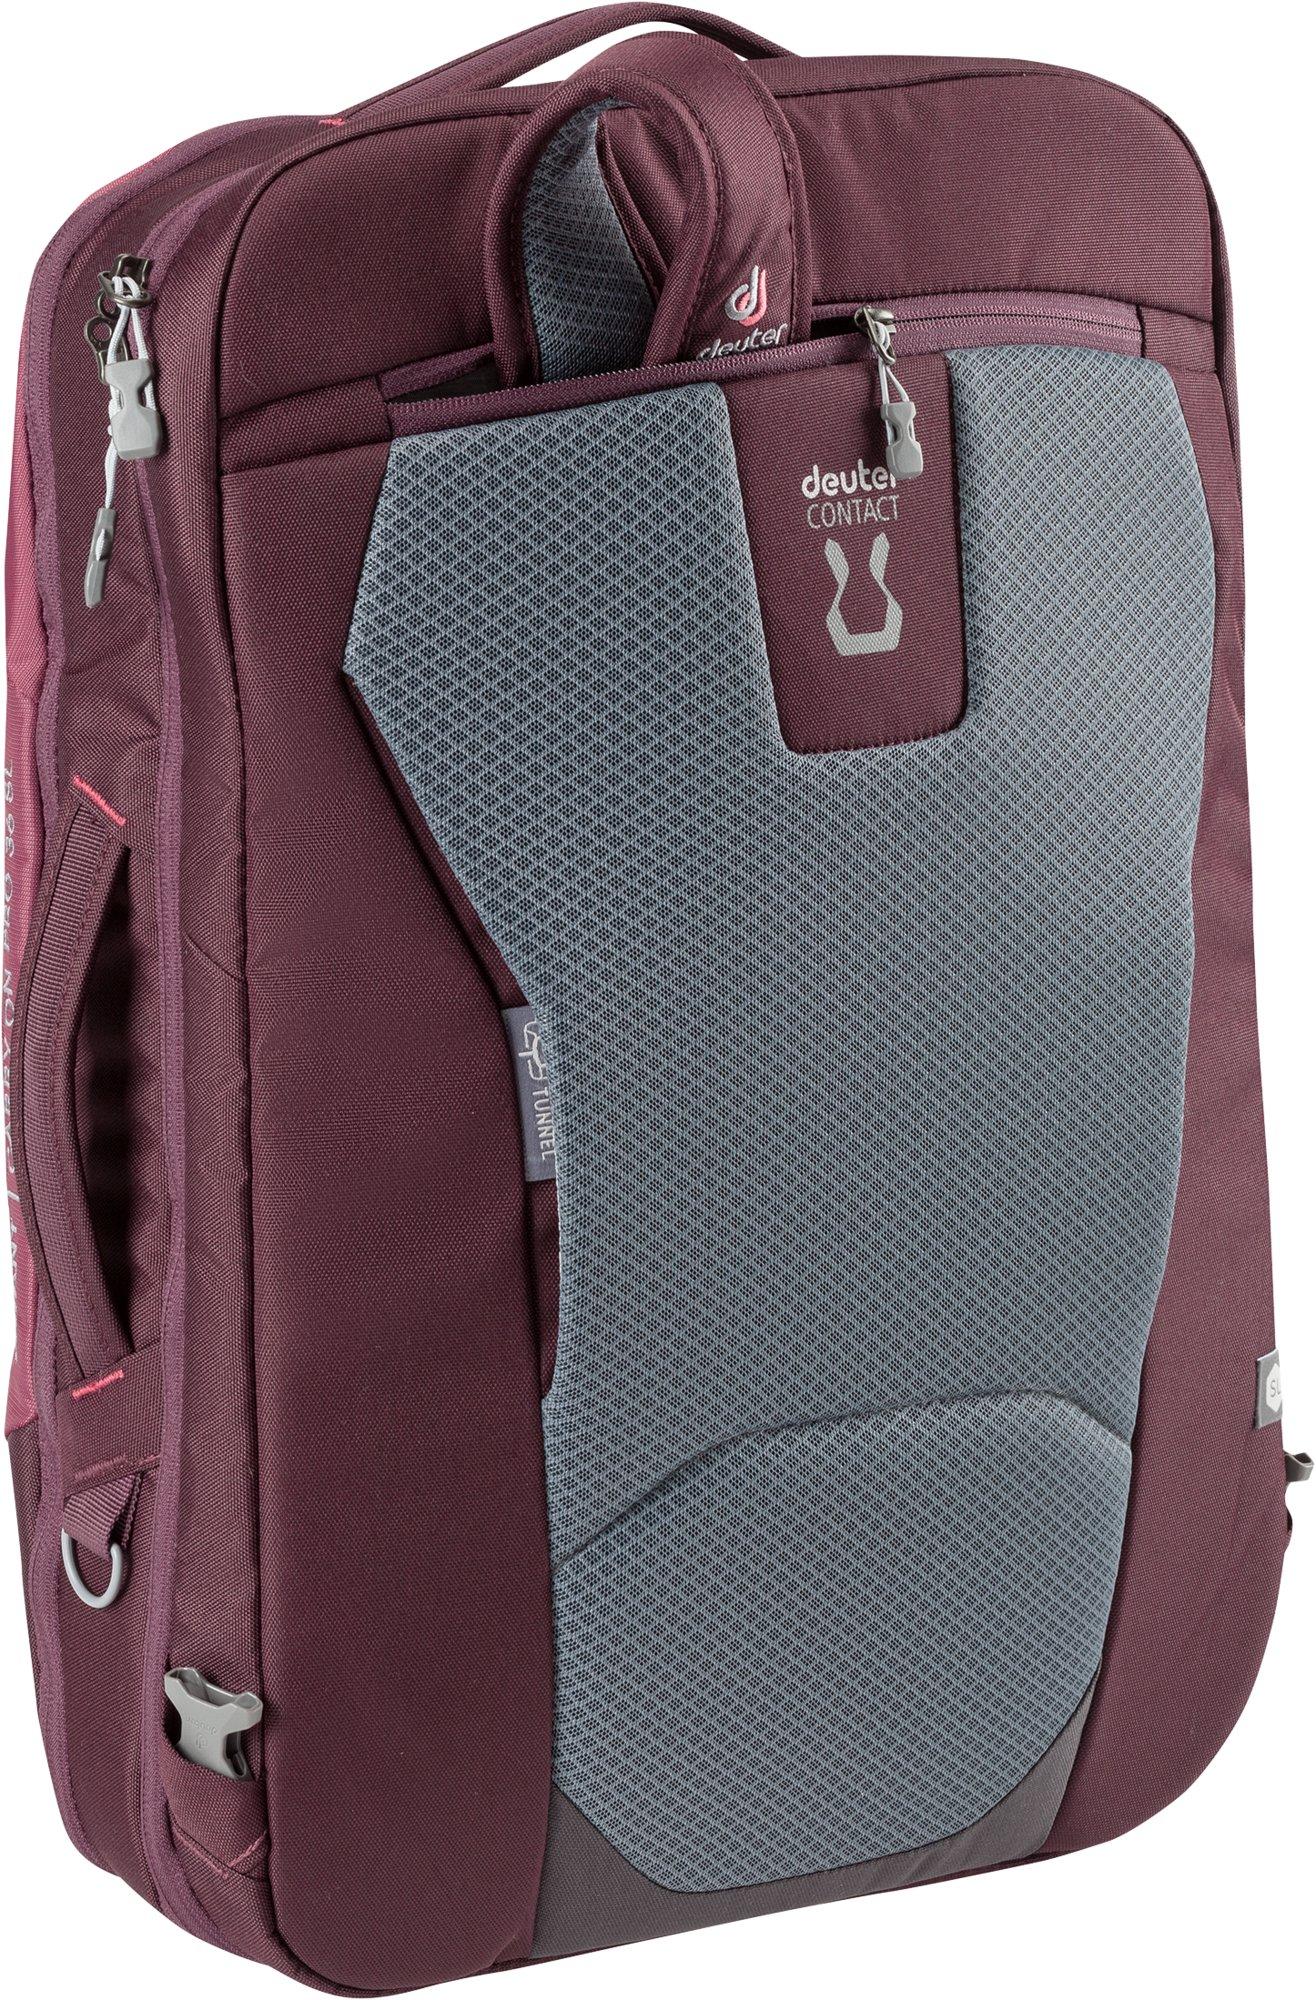 Deuter - AViANT Carry On Pro 36 SL, Reiserucksack